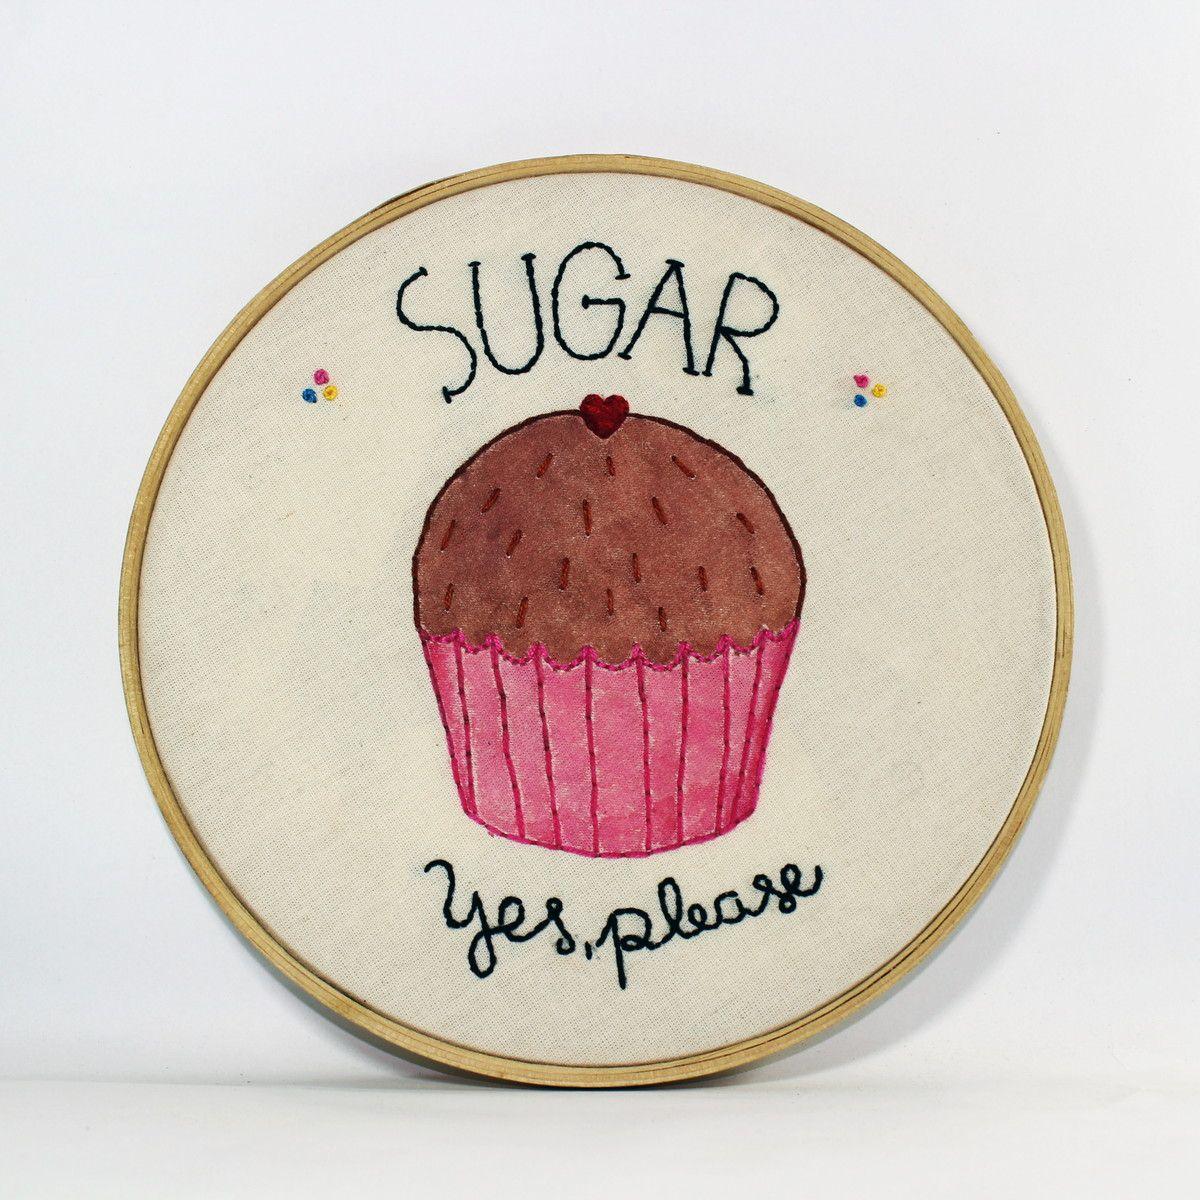 """Bastidor """"Sugar yes, please"""" por R$ 70 no <a href=""""http://www.elo7.com.br/quadro-bastidor-sugar-yes-please/dp/5EDB08#hsn=0&df=d&uso=d&smk=0&pso=up&osbt=b-o&ss=0&sv=0"""" target=""""_blank"""">Elo7</a>"""